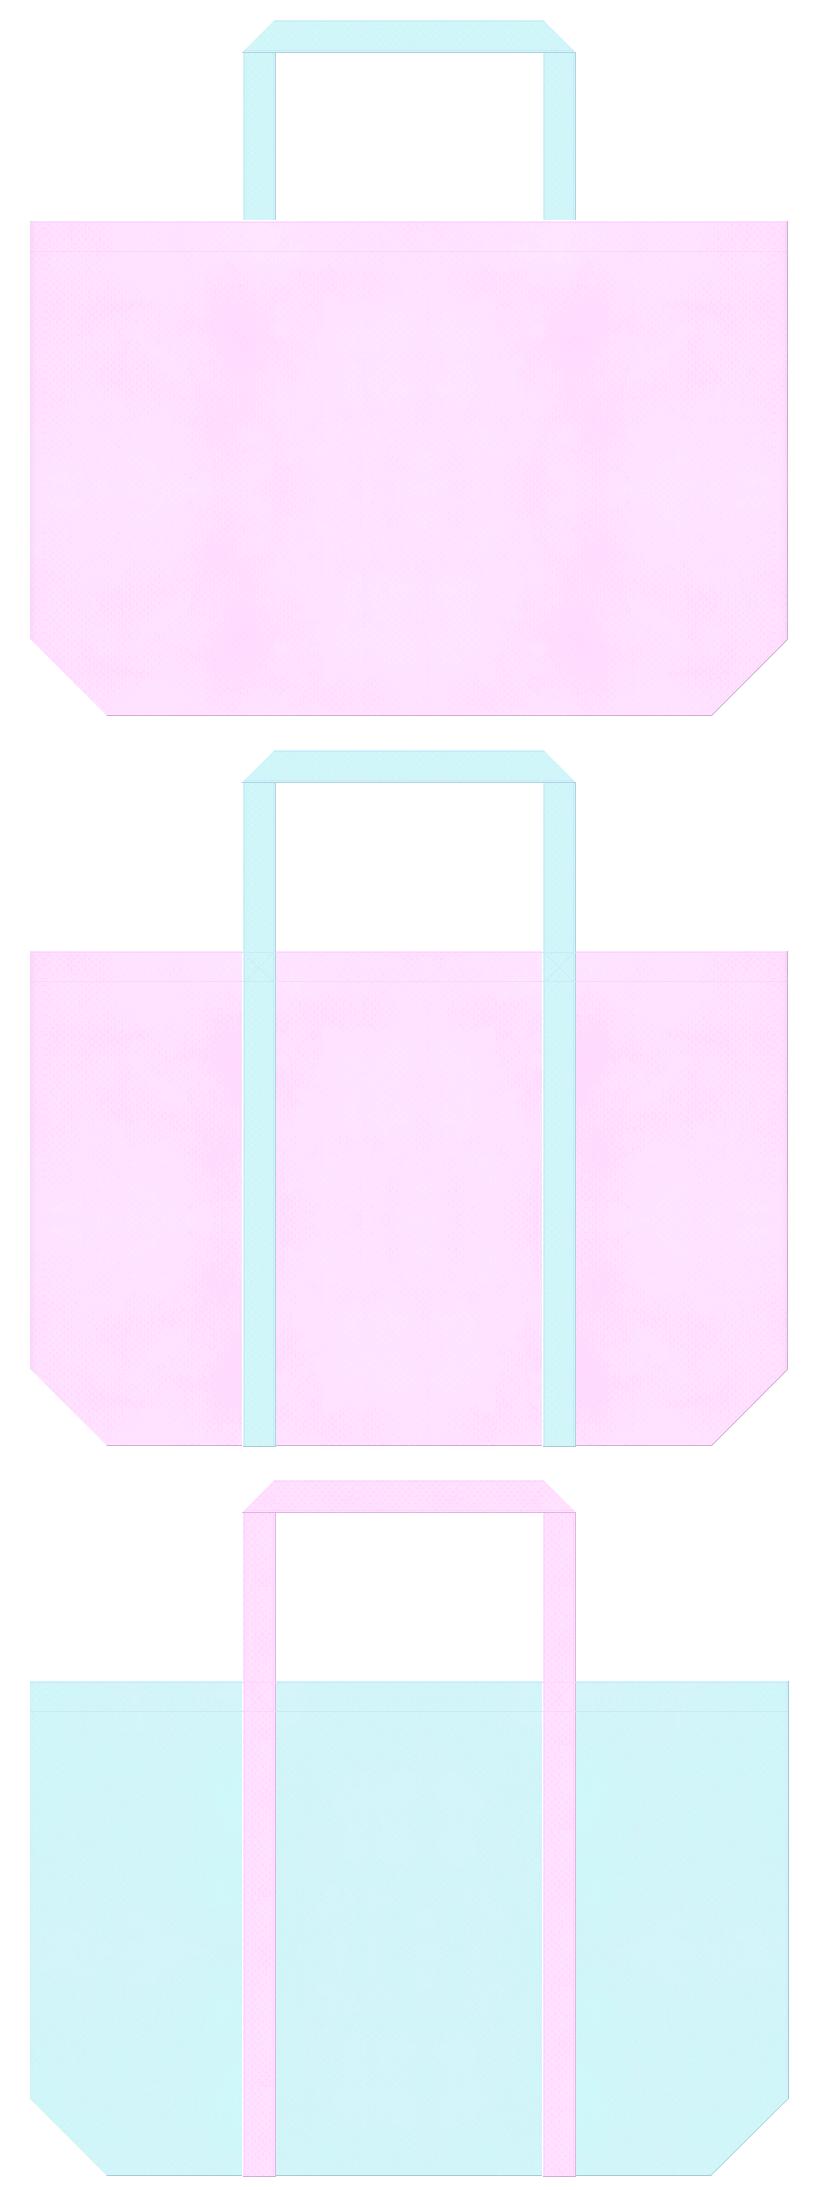 桜・お花見・マーメイド・妖精・プリンセス・ドリーム・潤い・美容・コスメ・洗剤・シャンプー・石鹸・入浴剤・バス用品・パステルカラー・ガーリーデザインのショッピングバッグにお奨めの不織布バッグデザイン:パステルピンク色と水色のコーデ